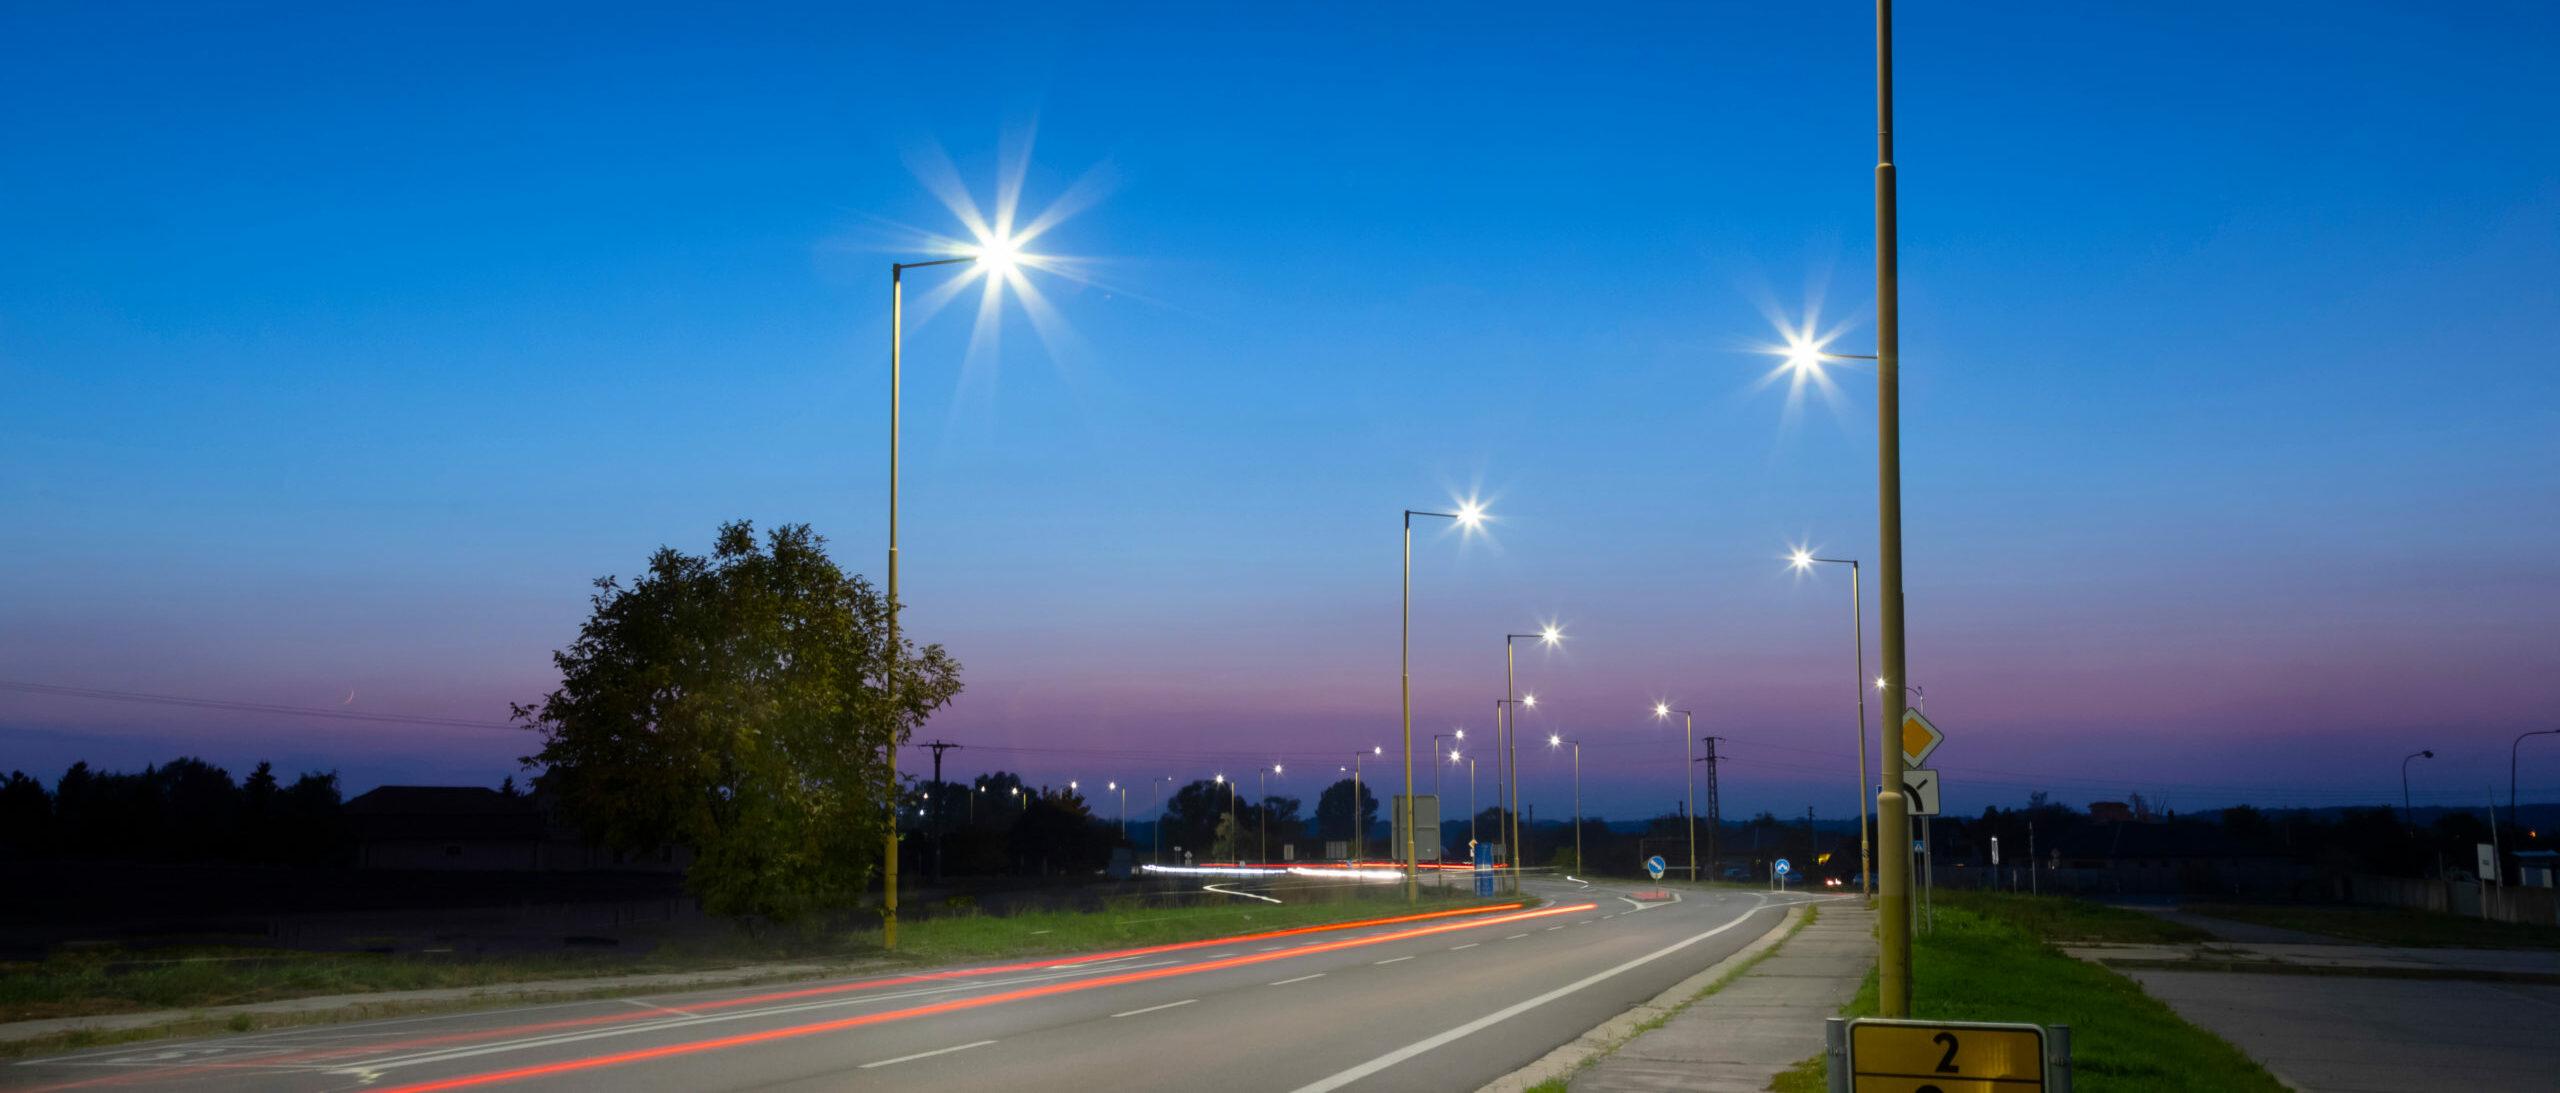 Modern,Led,Street,Lights,After,Sunset